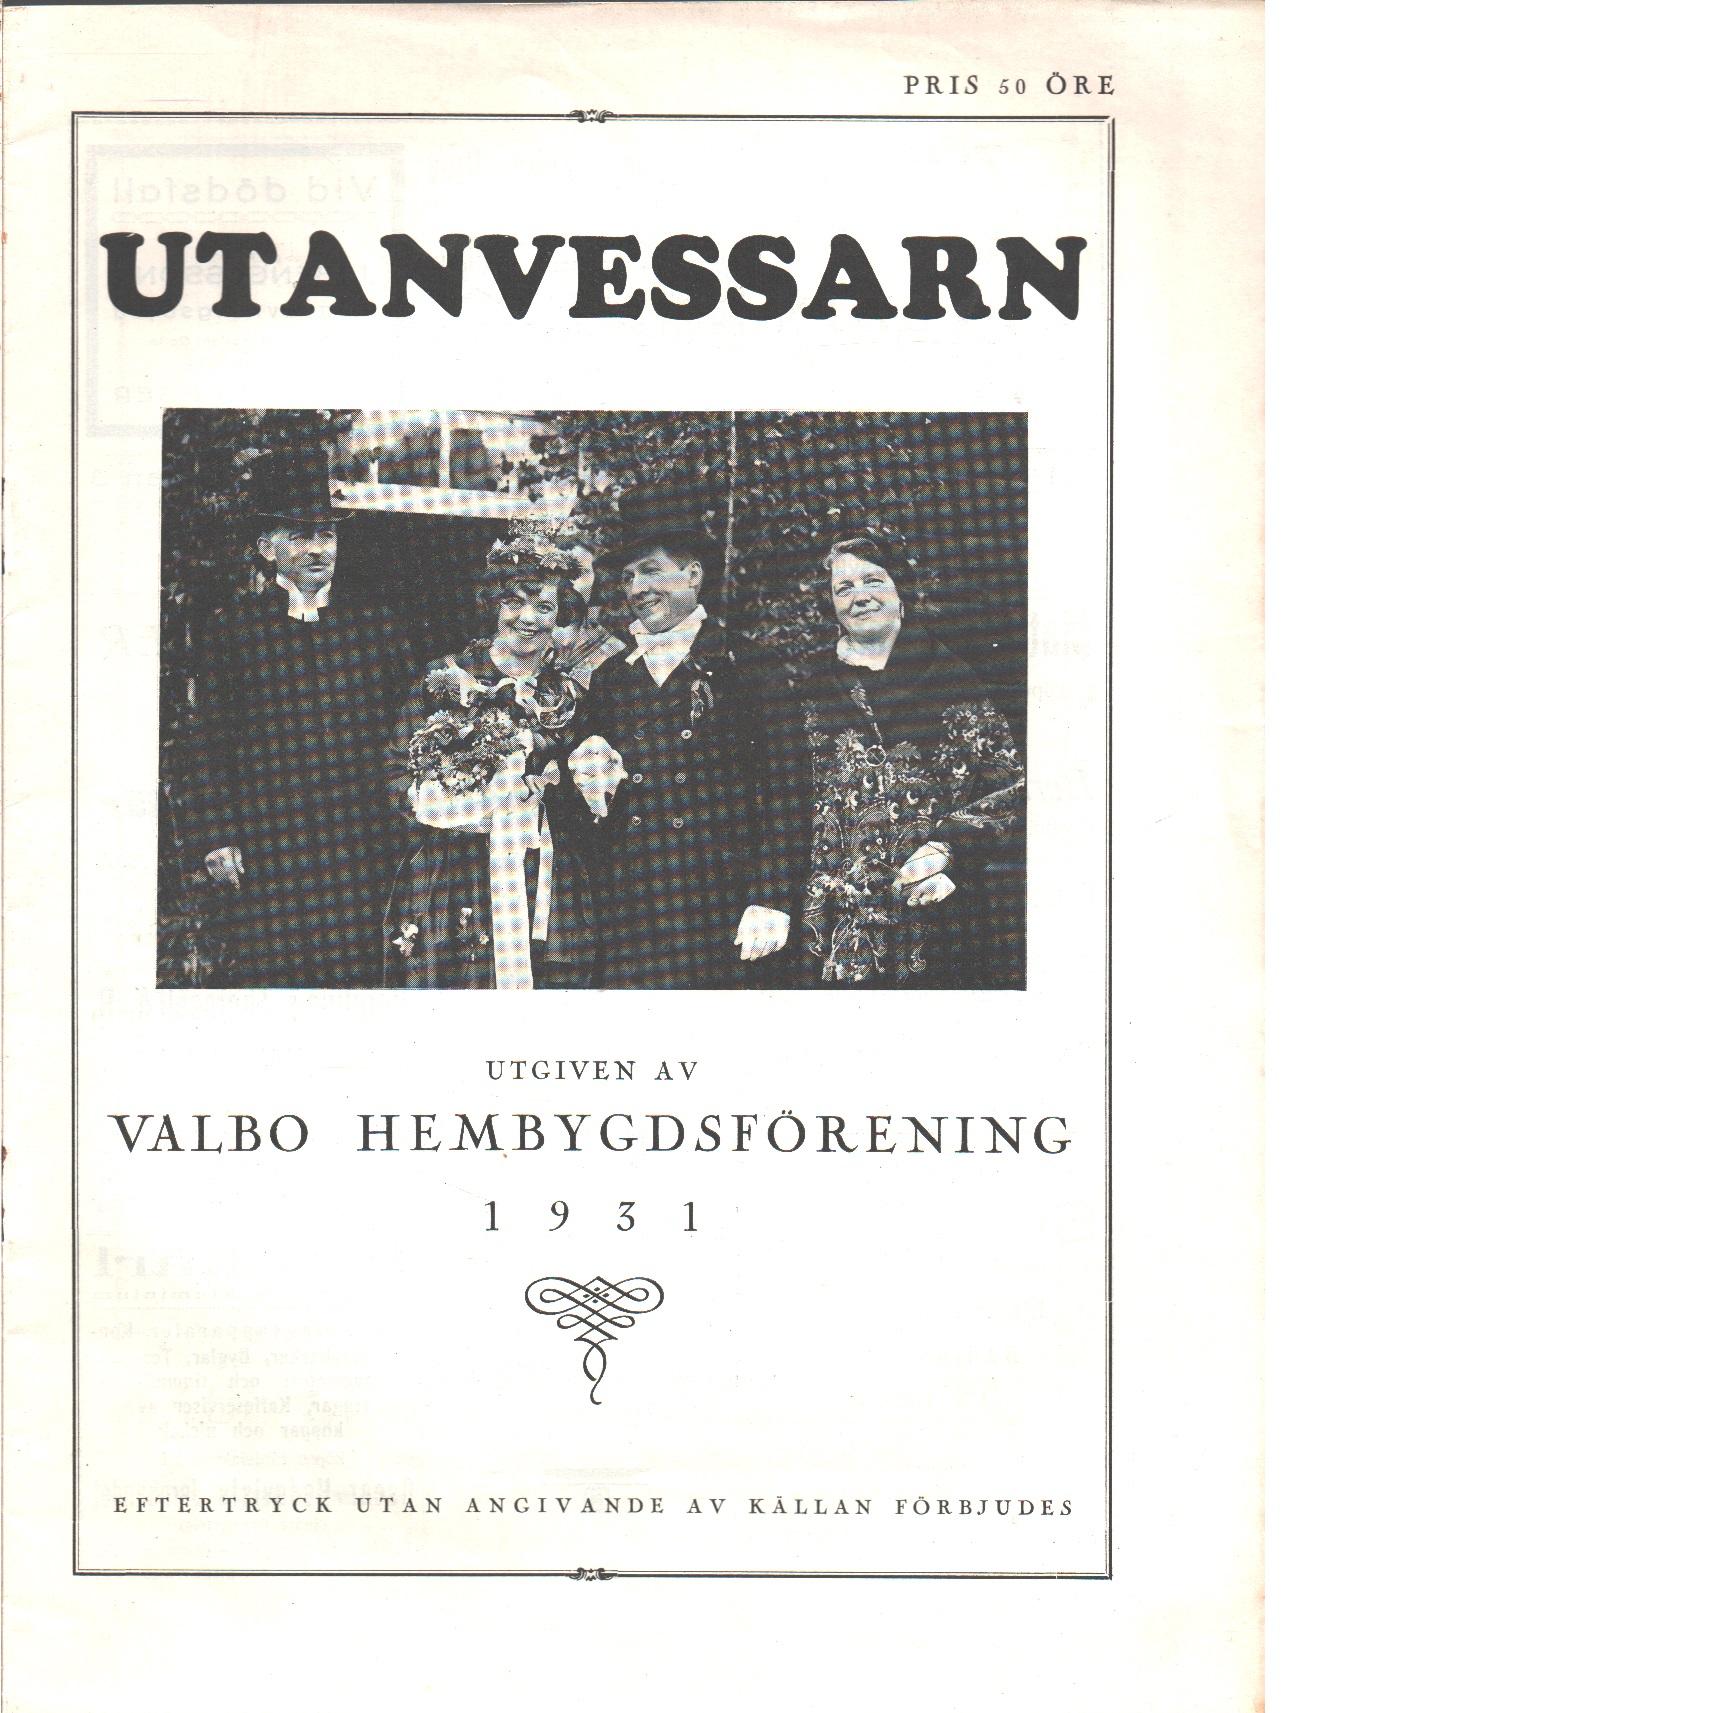 Utanvessarn  1931 - Red. Valbo hembygdsförening